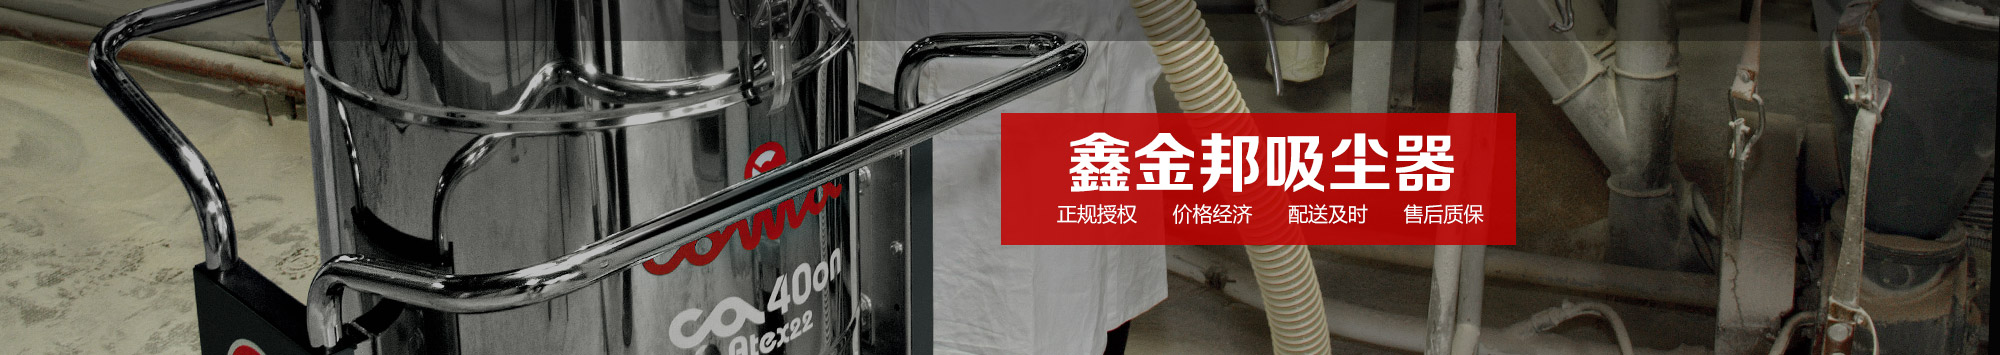 助力复gong复chan,教ni如何选择一个shi合生chanxu求的gong业吸尘器